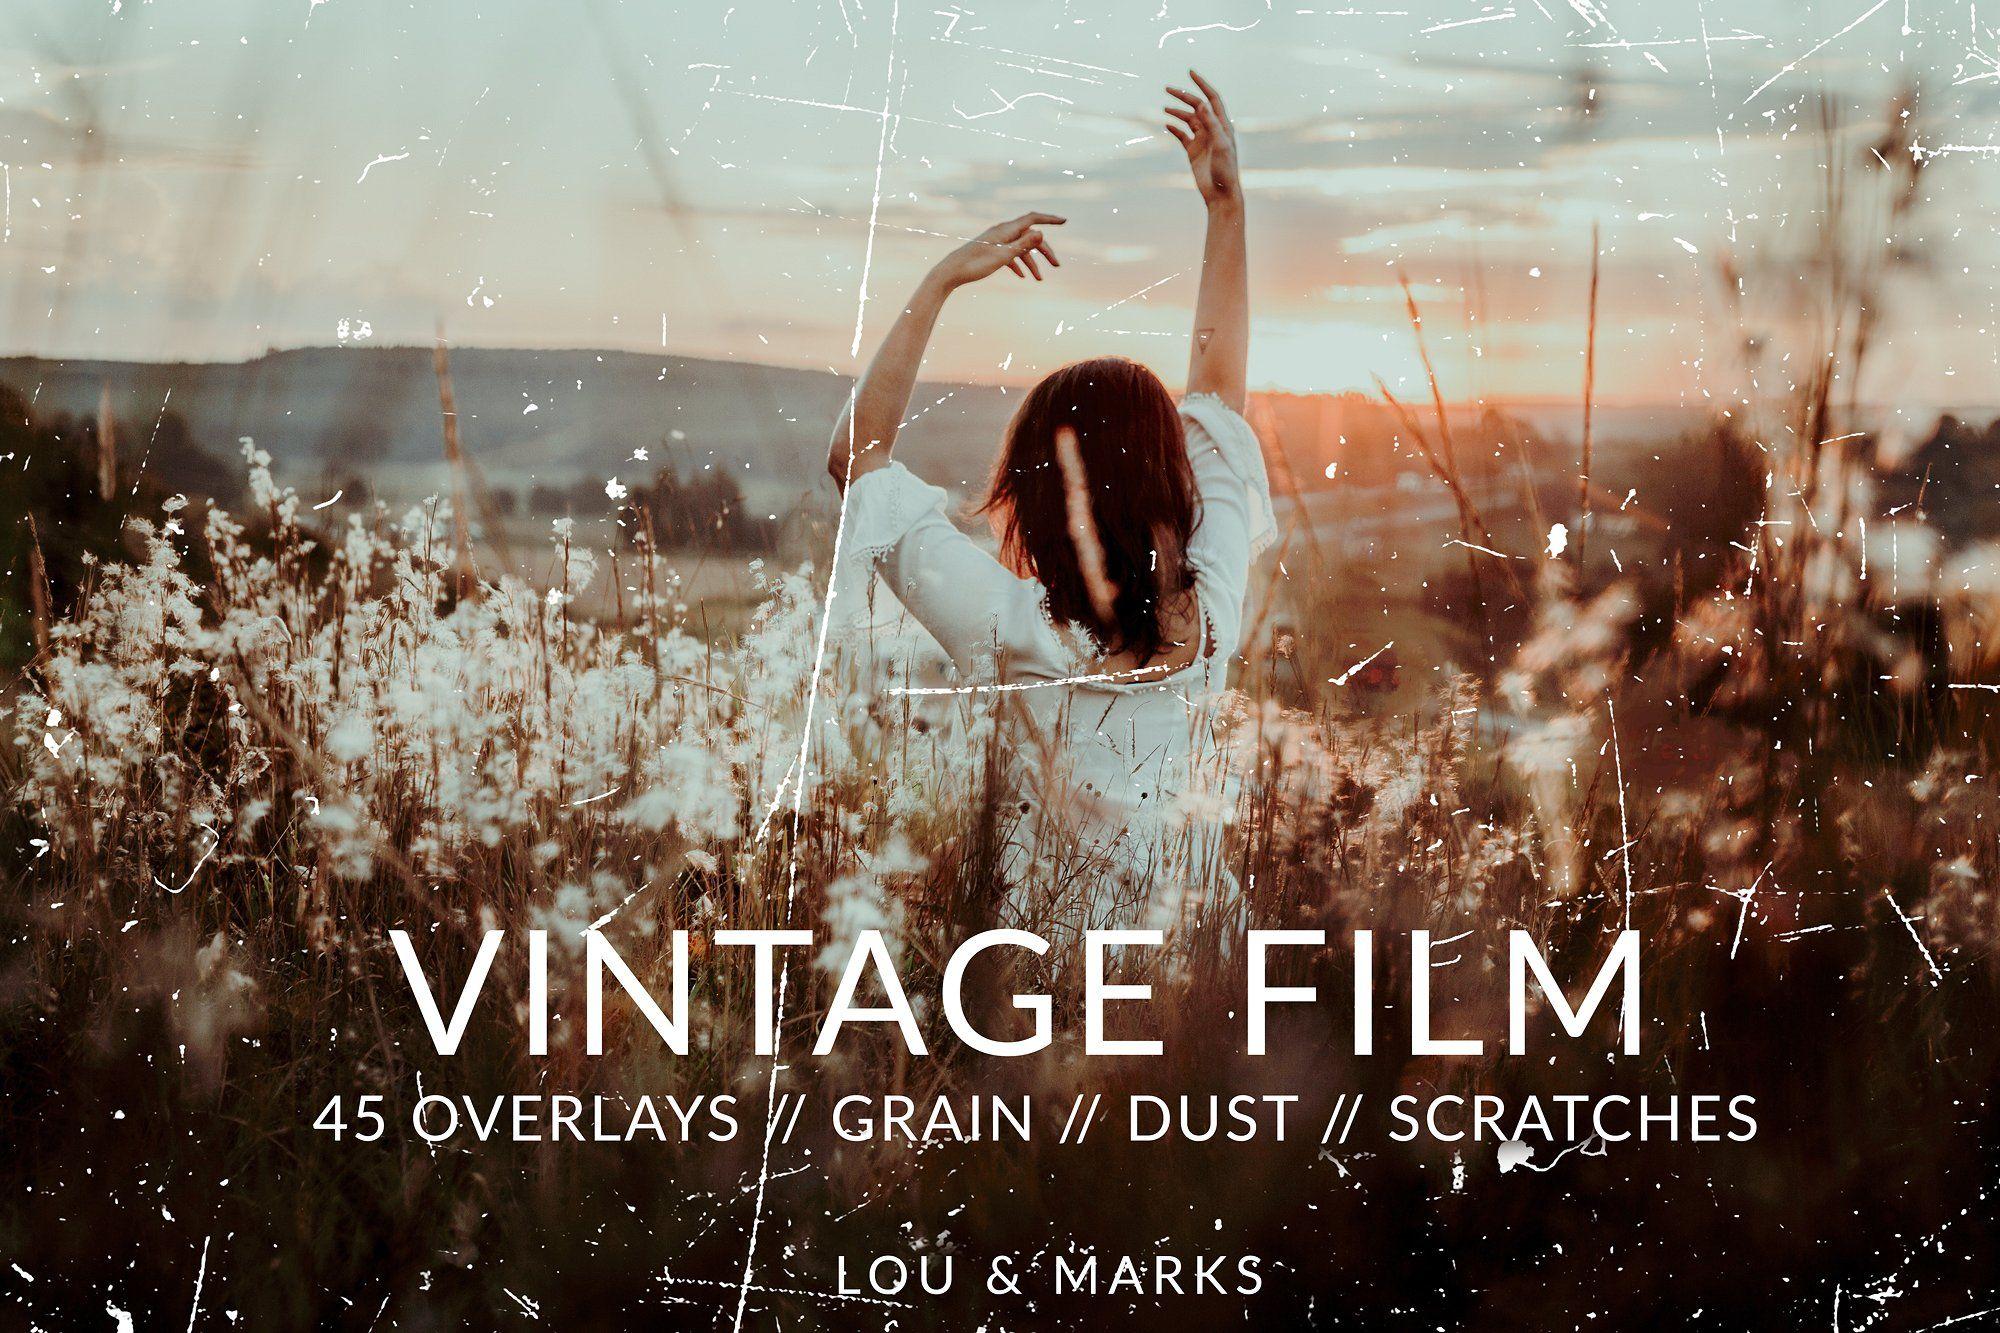 Vintage Film Texture Overlays Ps Film Texture Photoshop Overlays Vintage Film